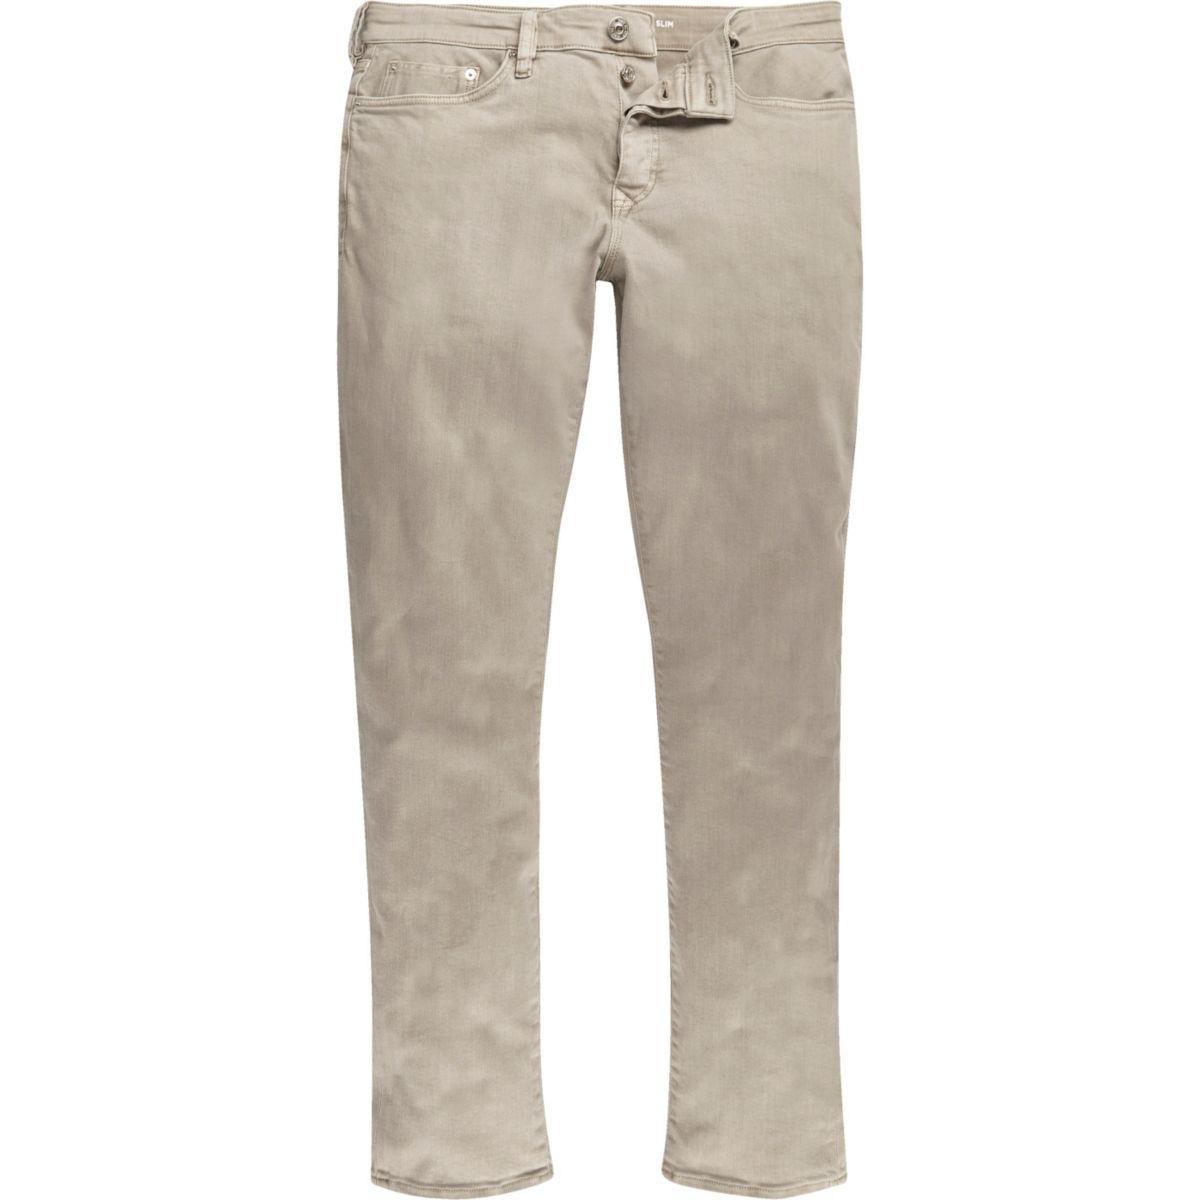 Light brown Dylan slim fit jeans